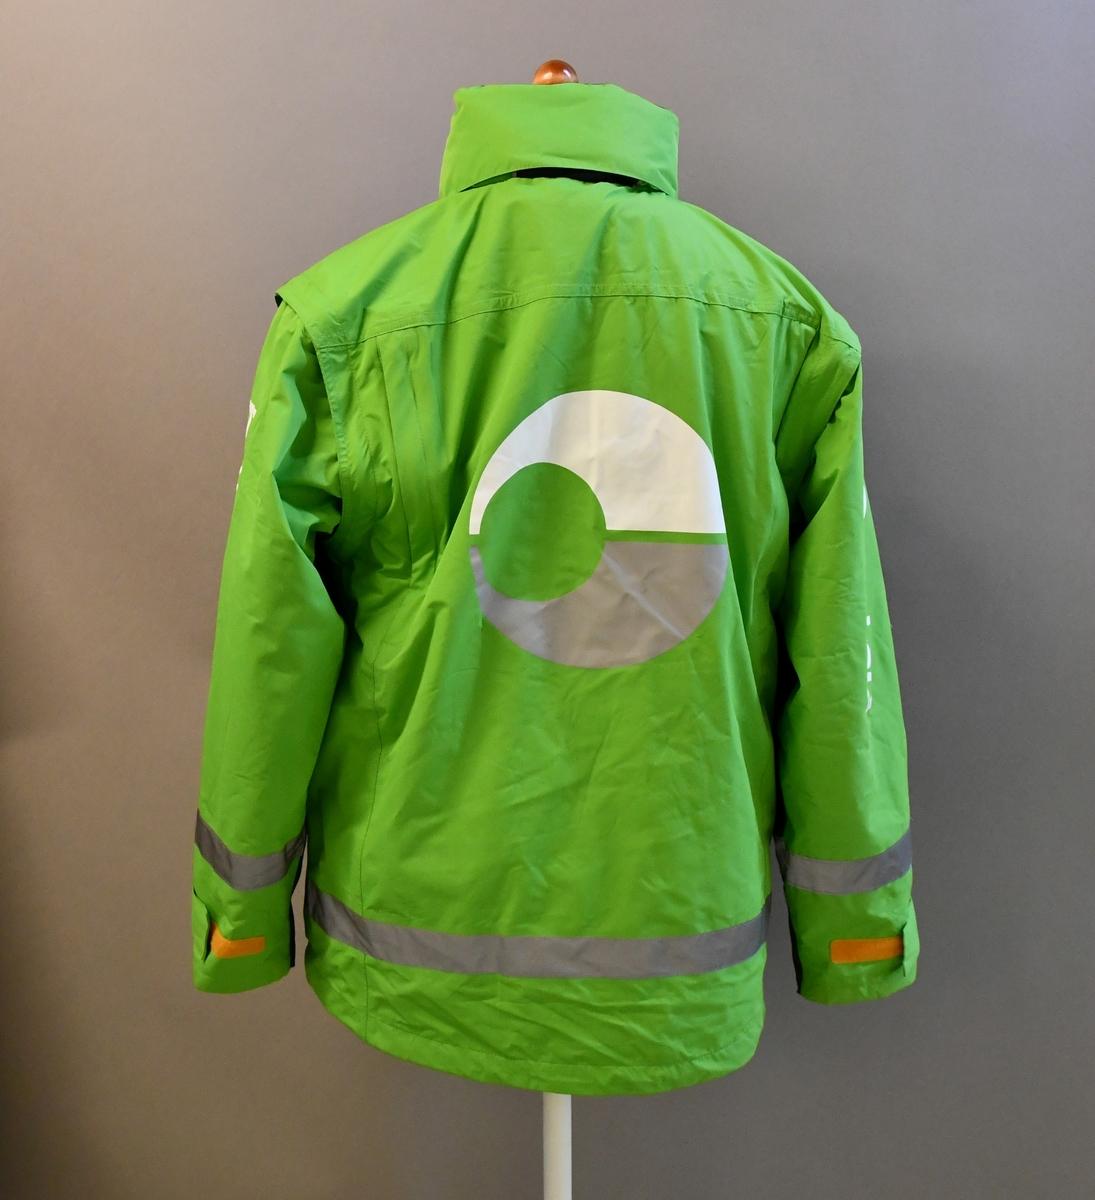 Grønn uniformsjakke med tekst og Bringemblem. Med hette og avtagbart for. Med 4 lommer og mobillomme. Refleksbånd i livet og på ermene.  Størrelse S